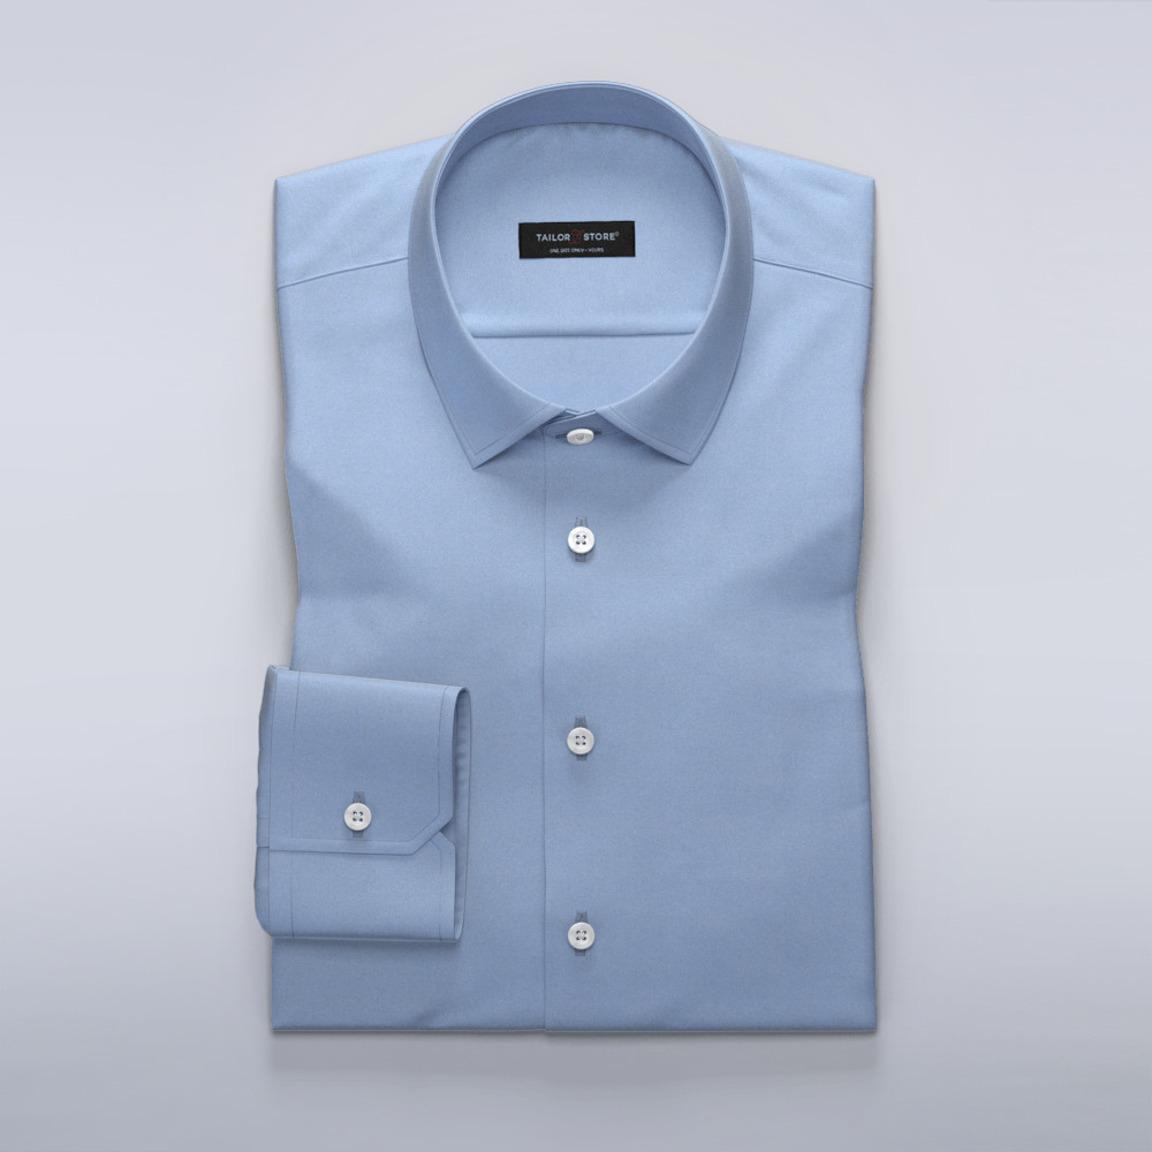 Naisten vaaleansininen business-paita kalanruotokuviolla